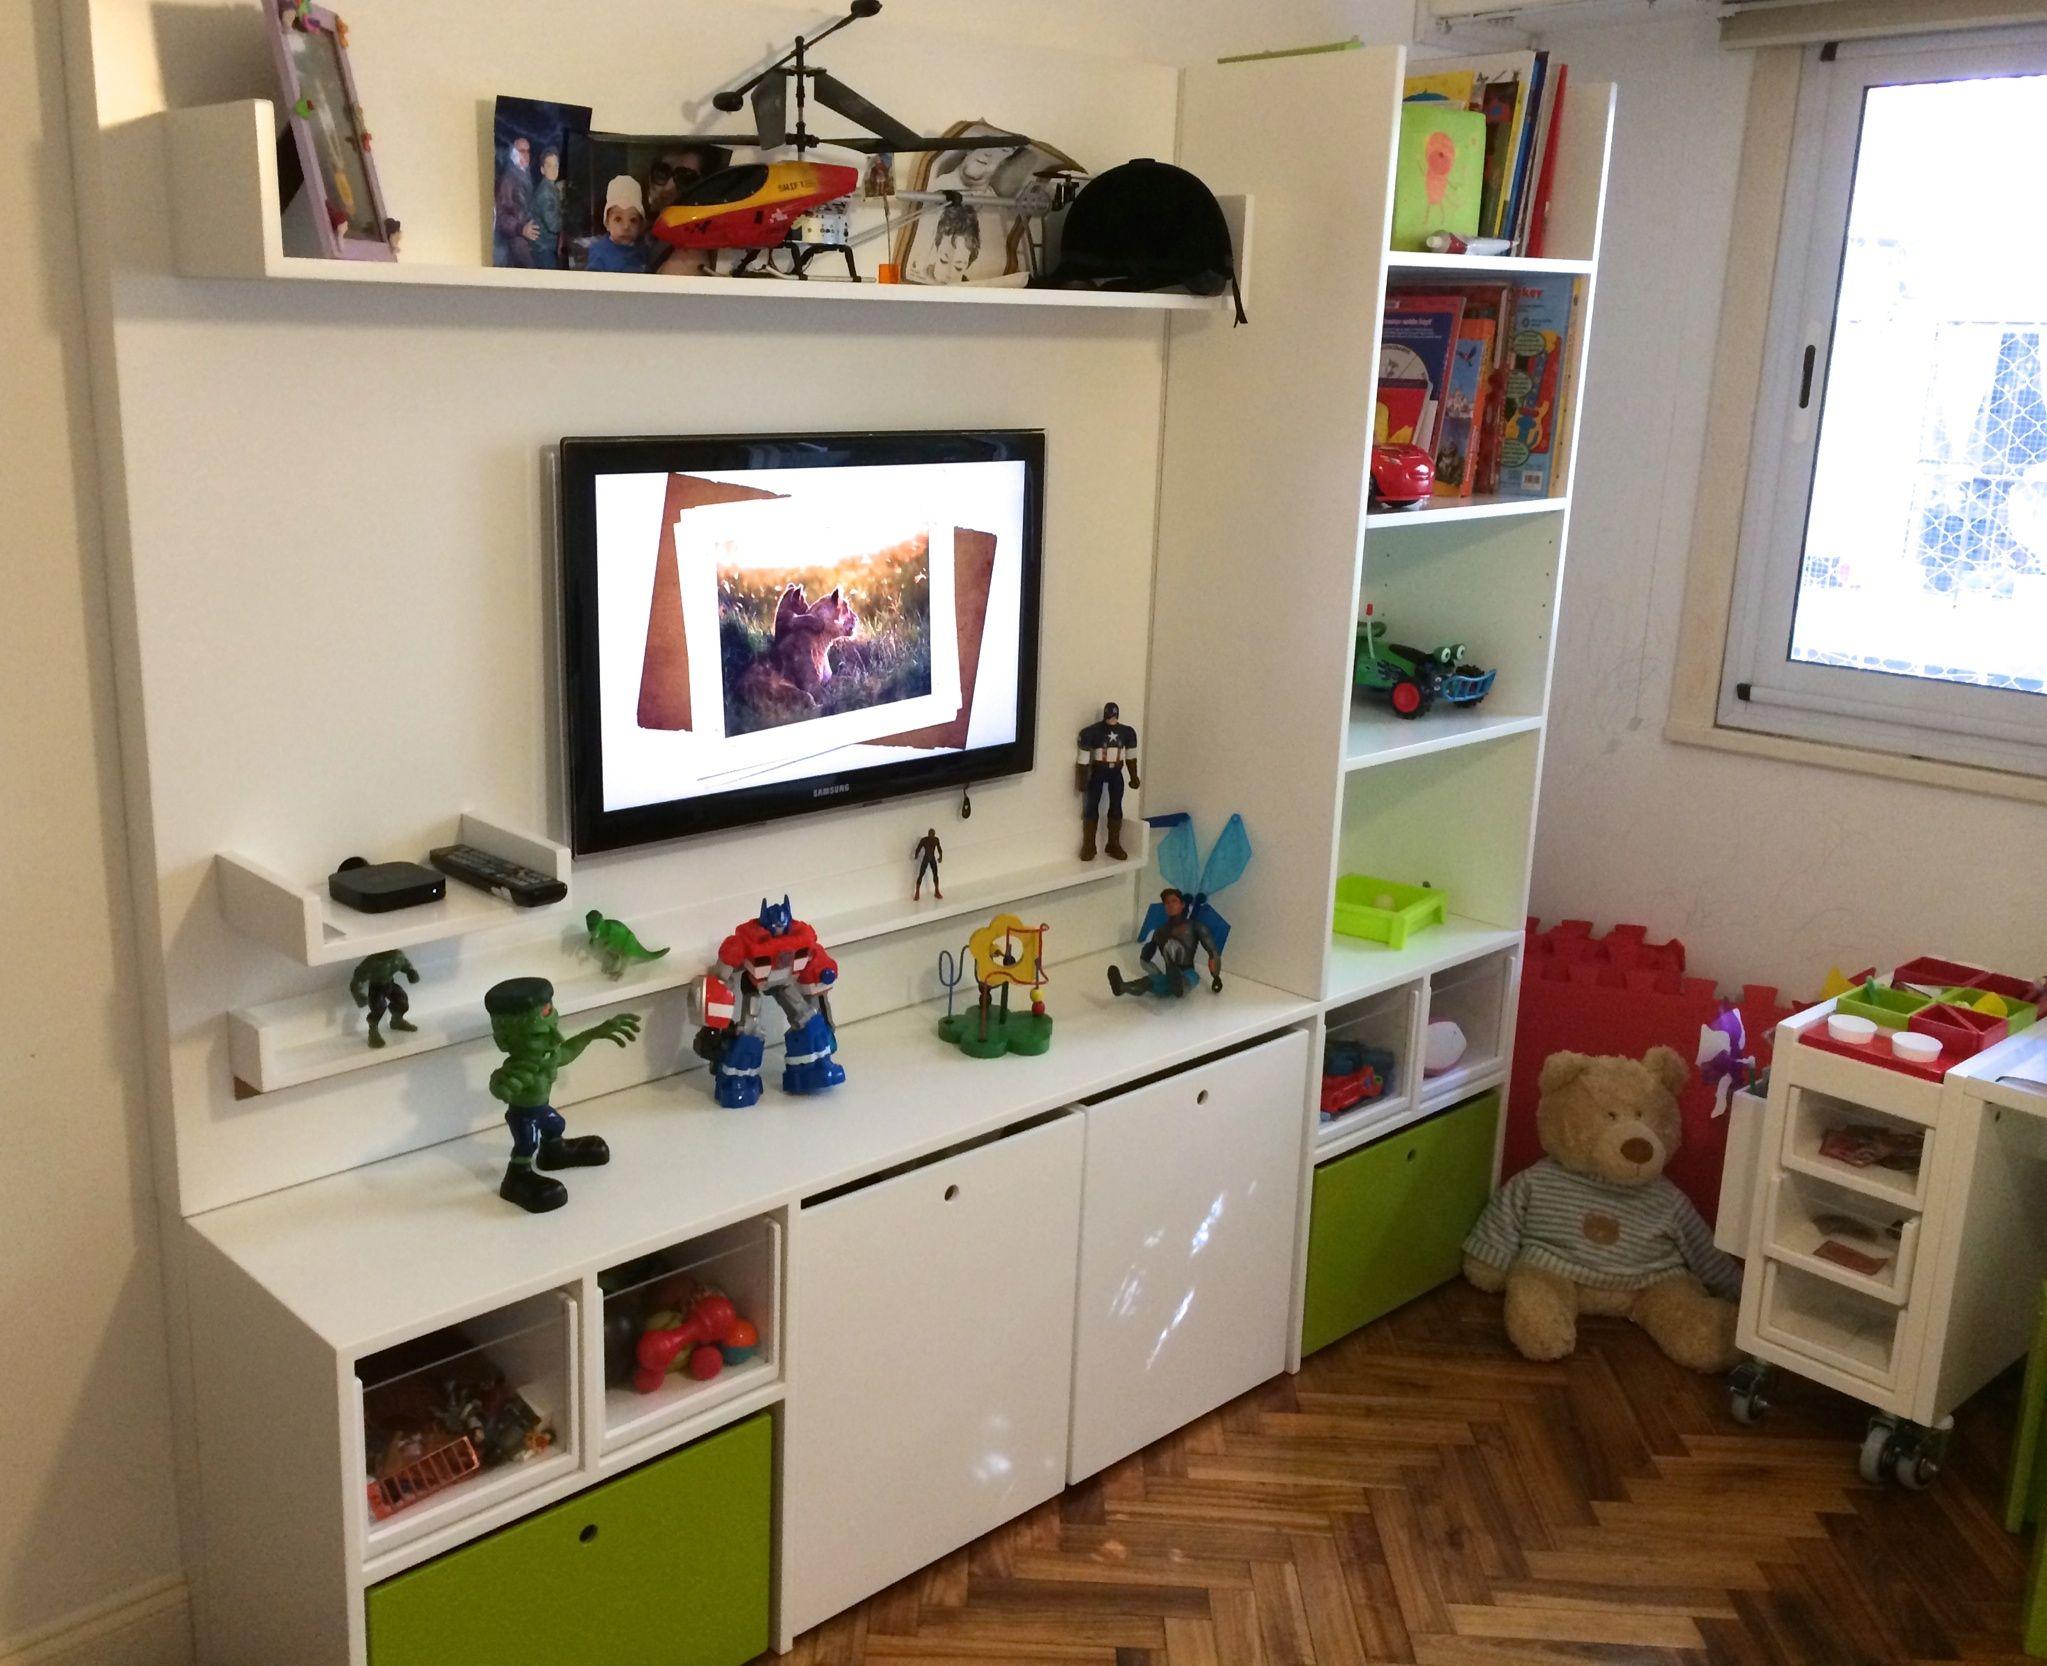 Habitación de un nene que contiene un Mueble Rosario acompañado de ...